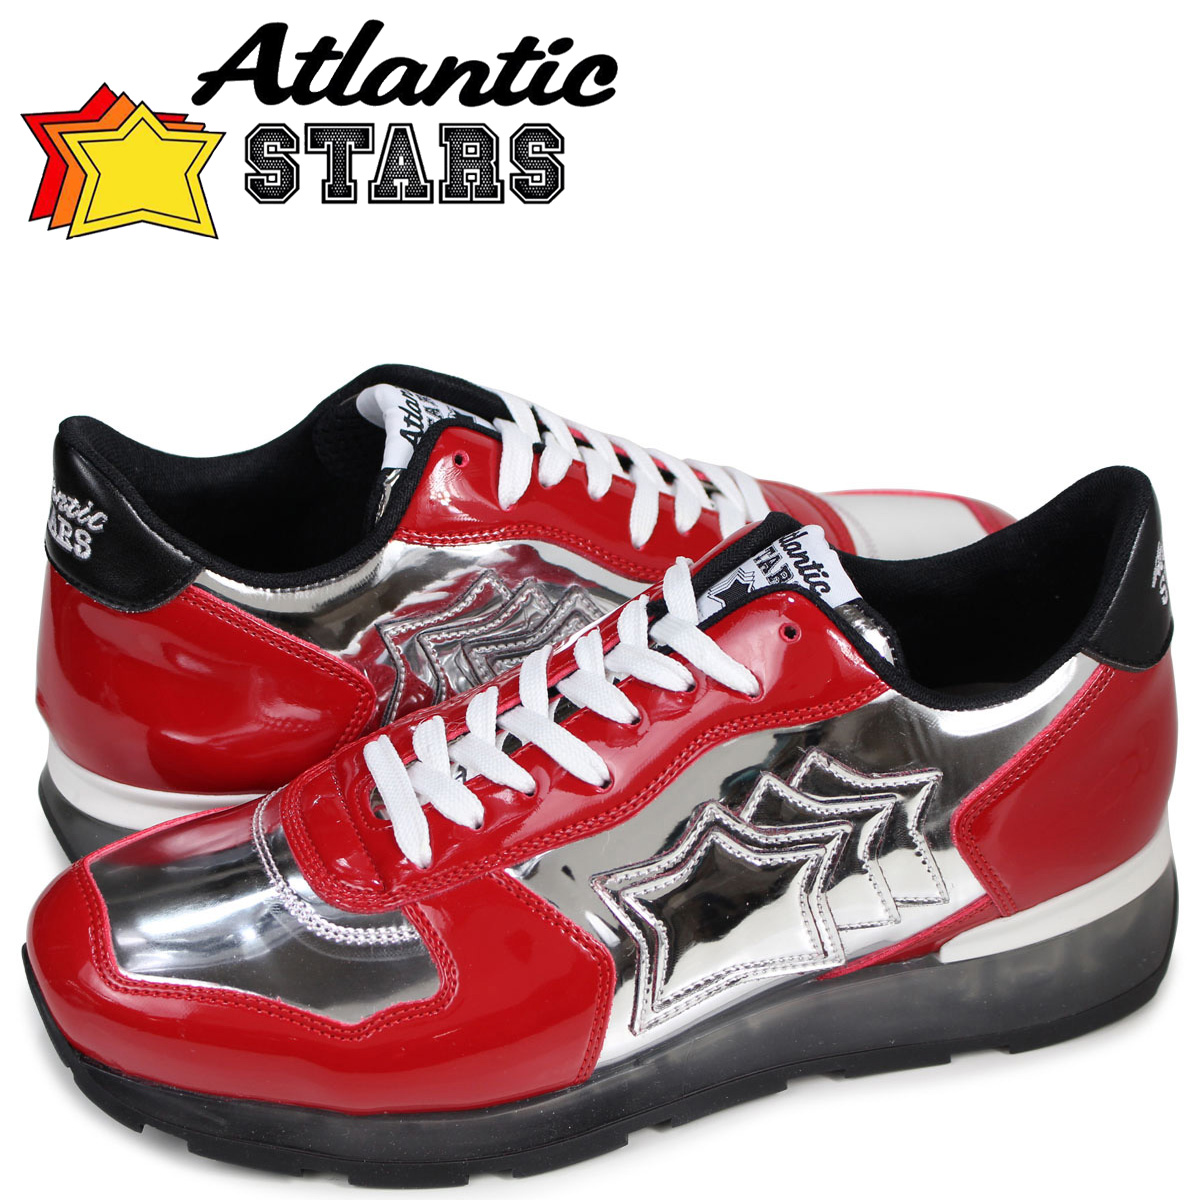 アトランティックスターズ メンズ スニーカー Atlantic STARS アンタレス ANTARES GAR-32B レッド